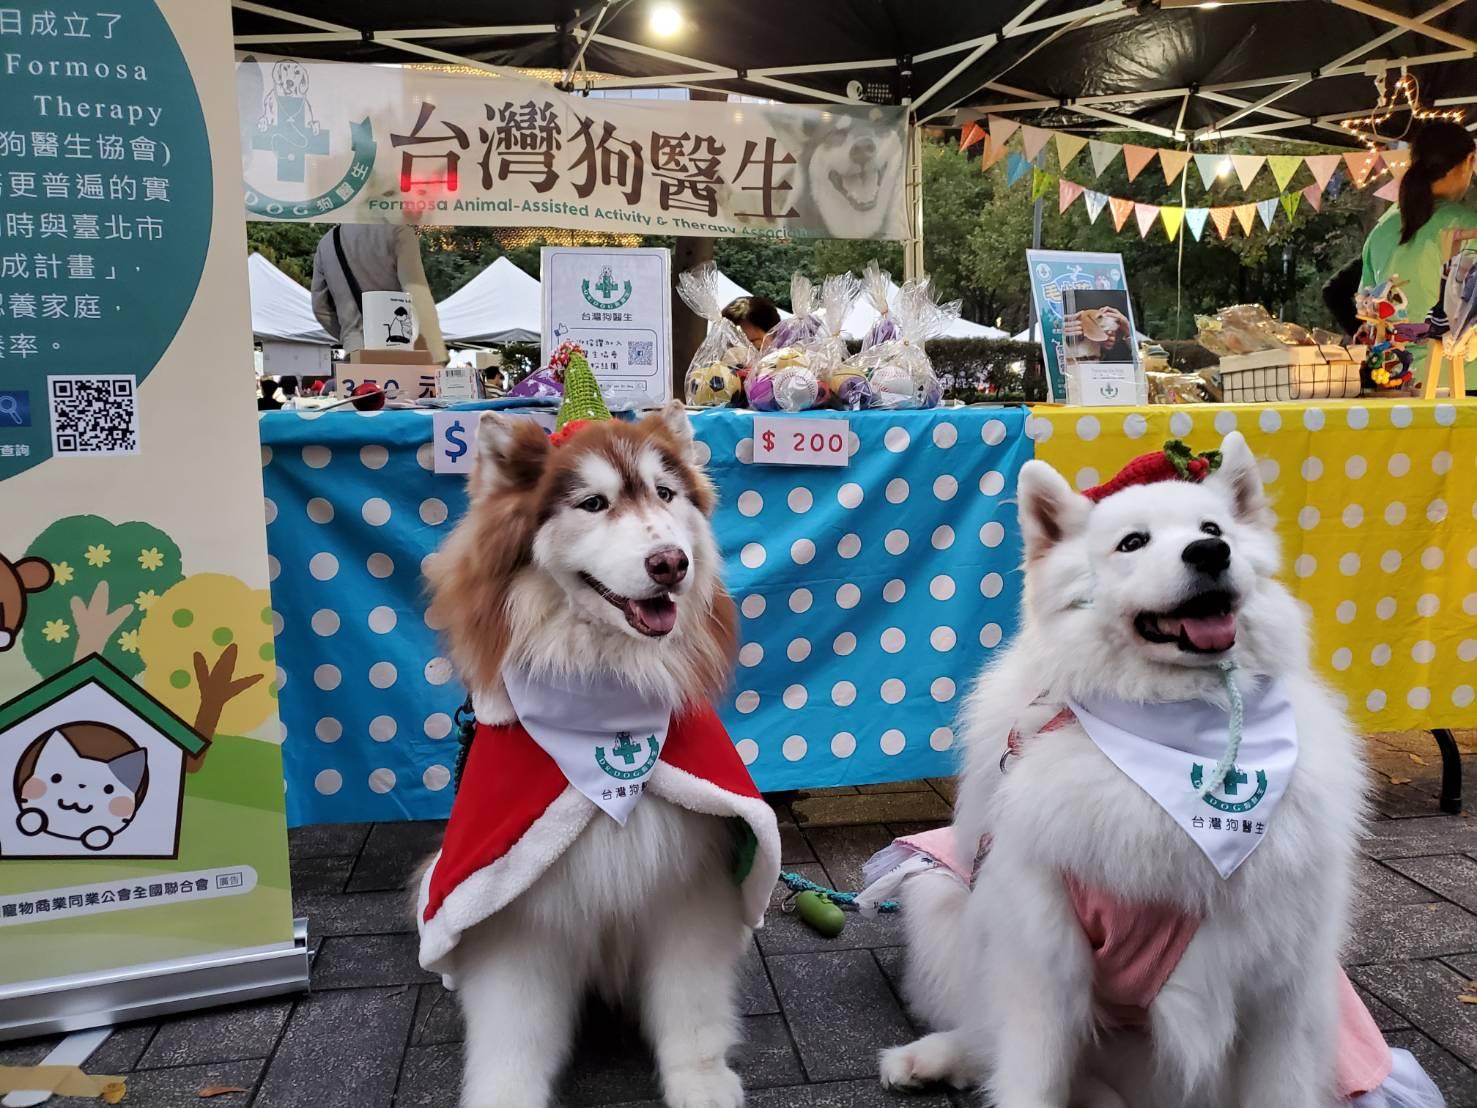 台灣狗醫生協會主要服務對象為弱勢族群,透過與狗兒之間的互動達到輔助治療的效果